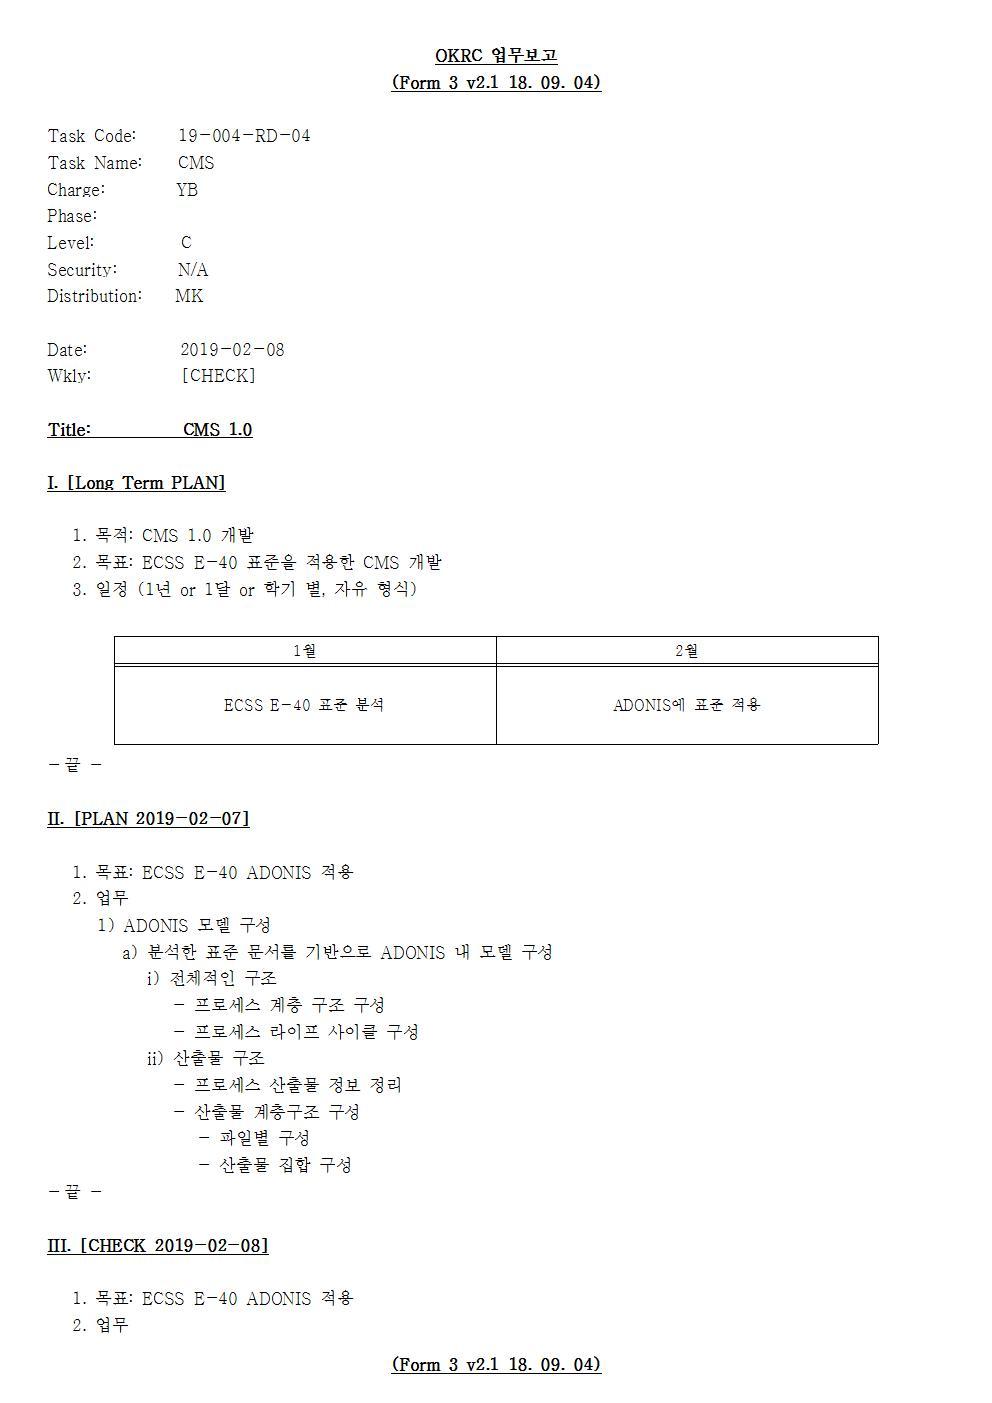 D-[19-004-RD-04]-[CMS]-[2019-02-08][YB]001.jpg